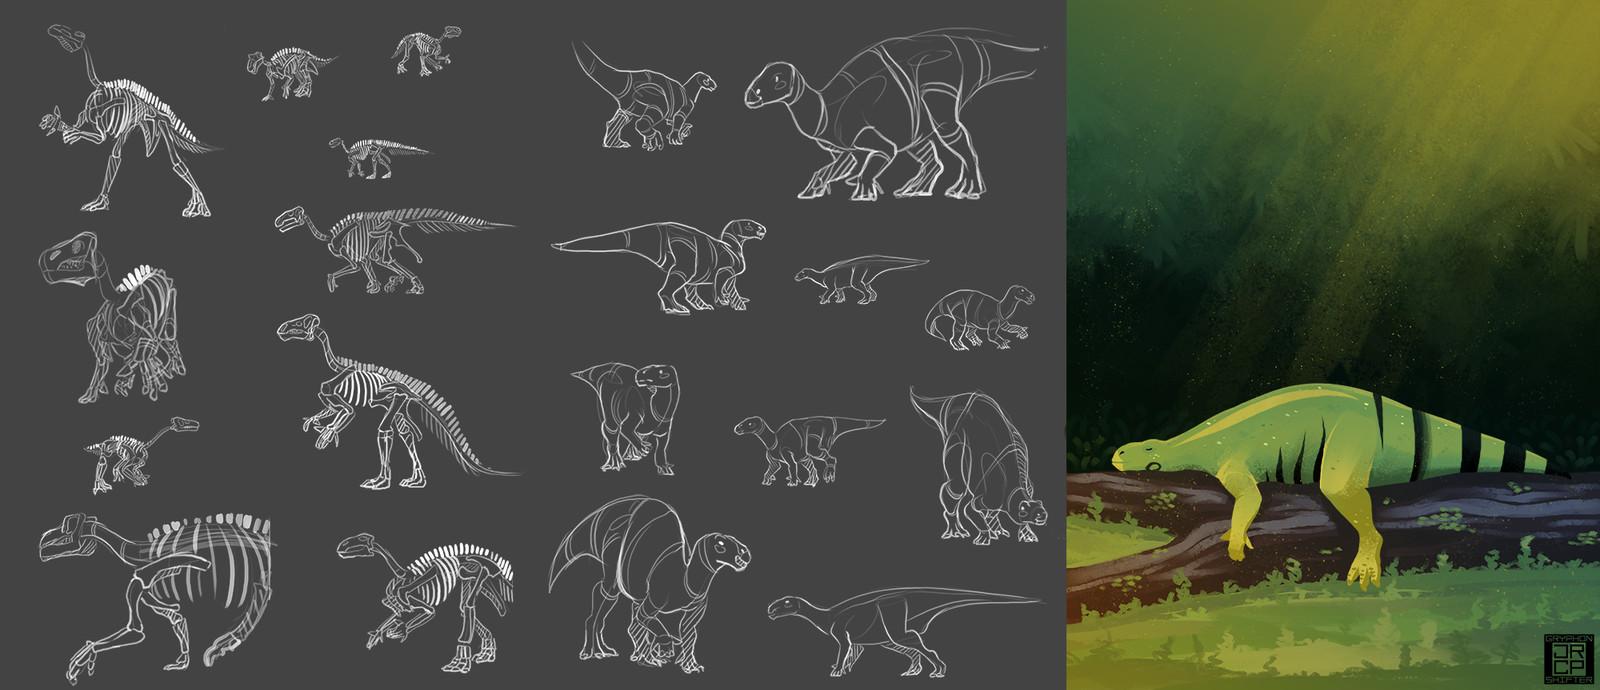 14: Iguanodon